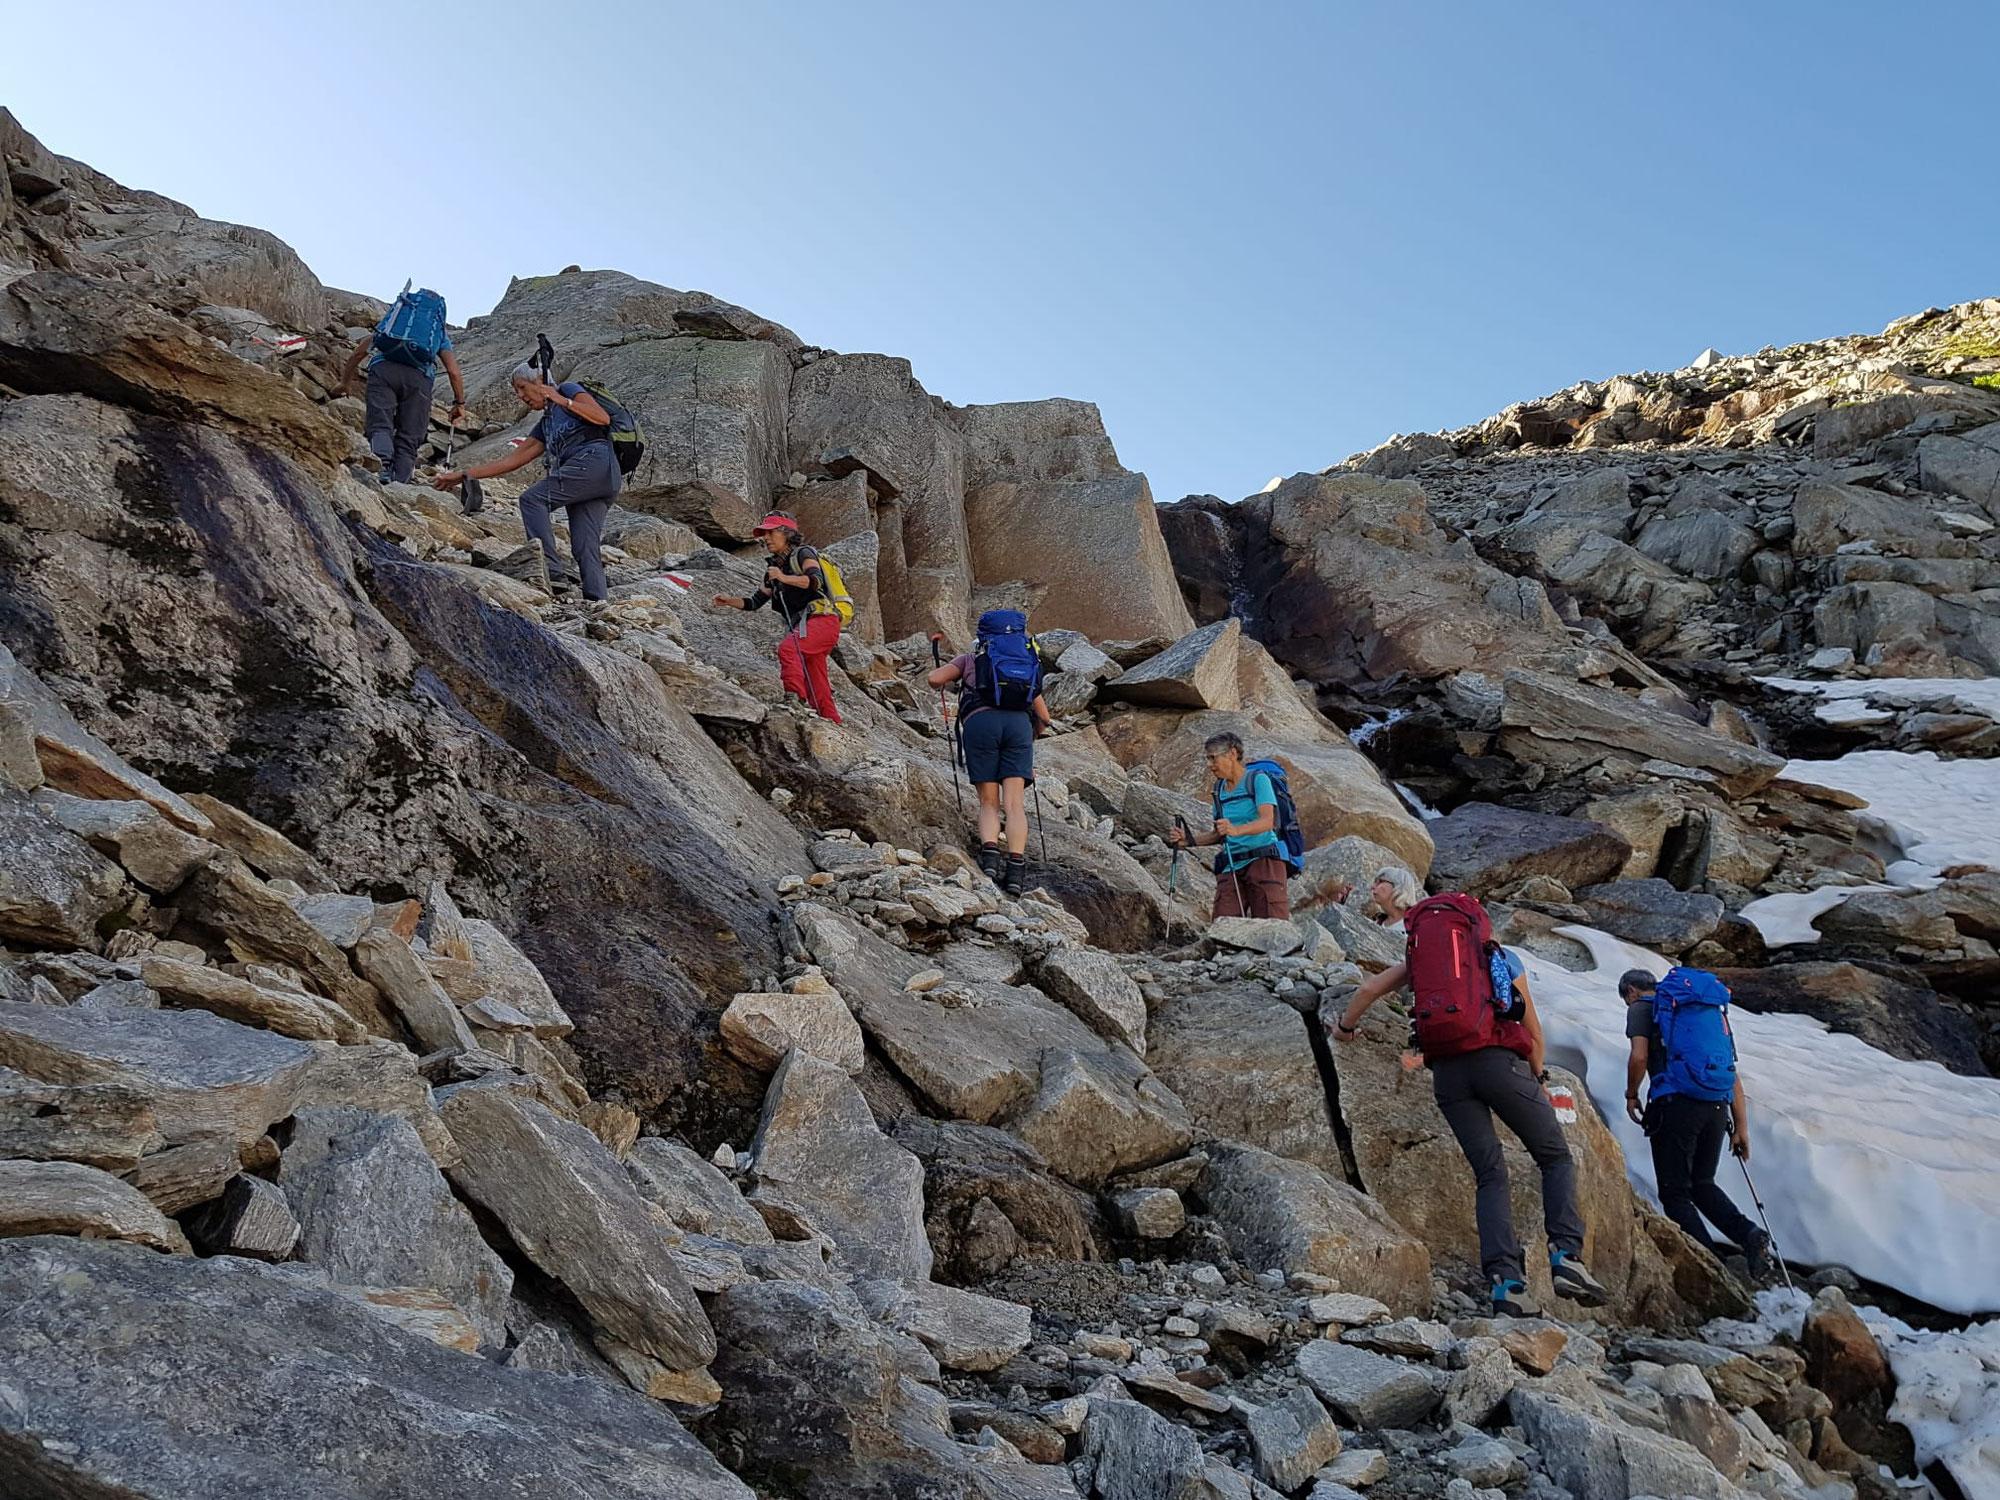 Alpine Wandertage 'Von der Furka zur Leventina' - 11.-14. August 2021